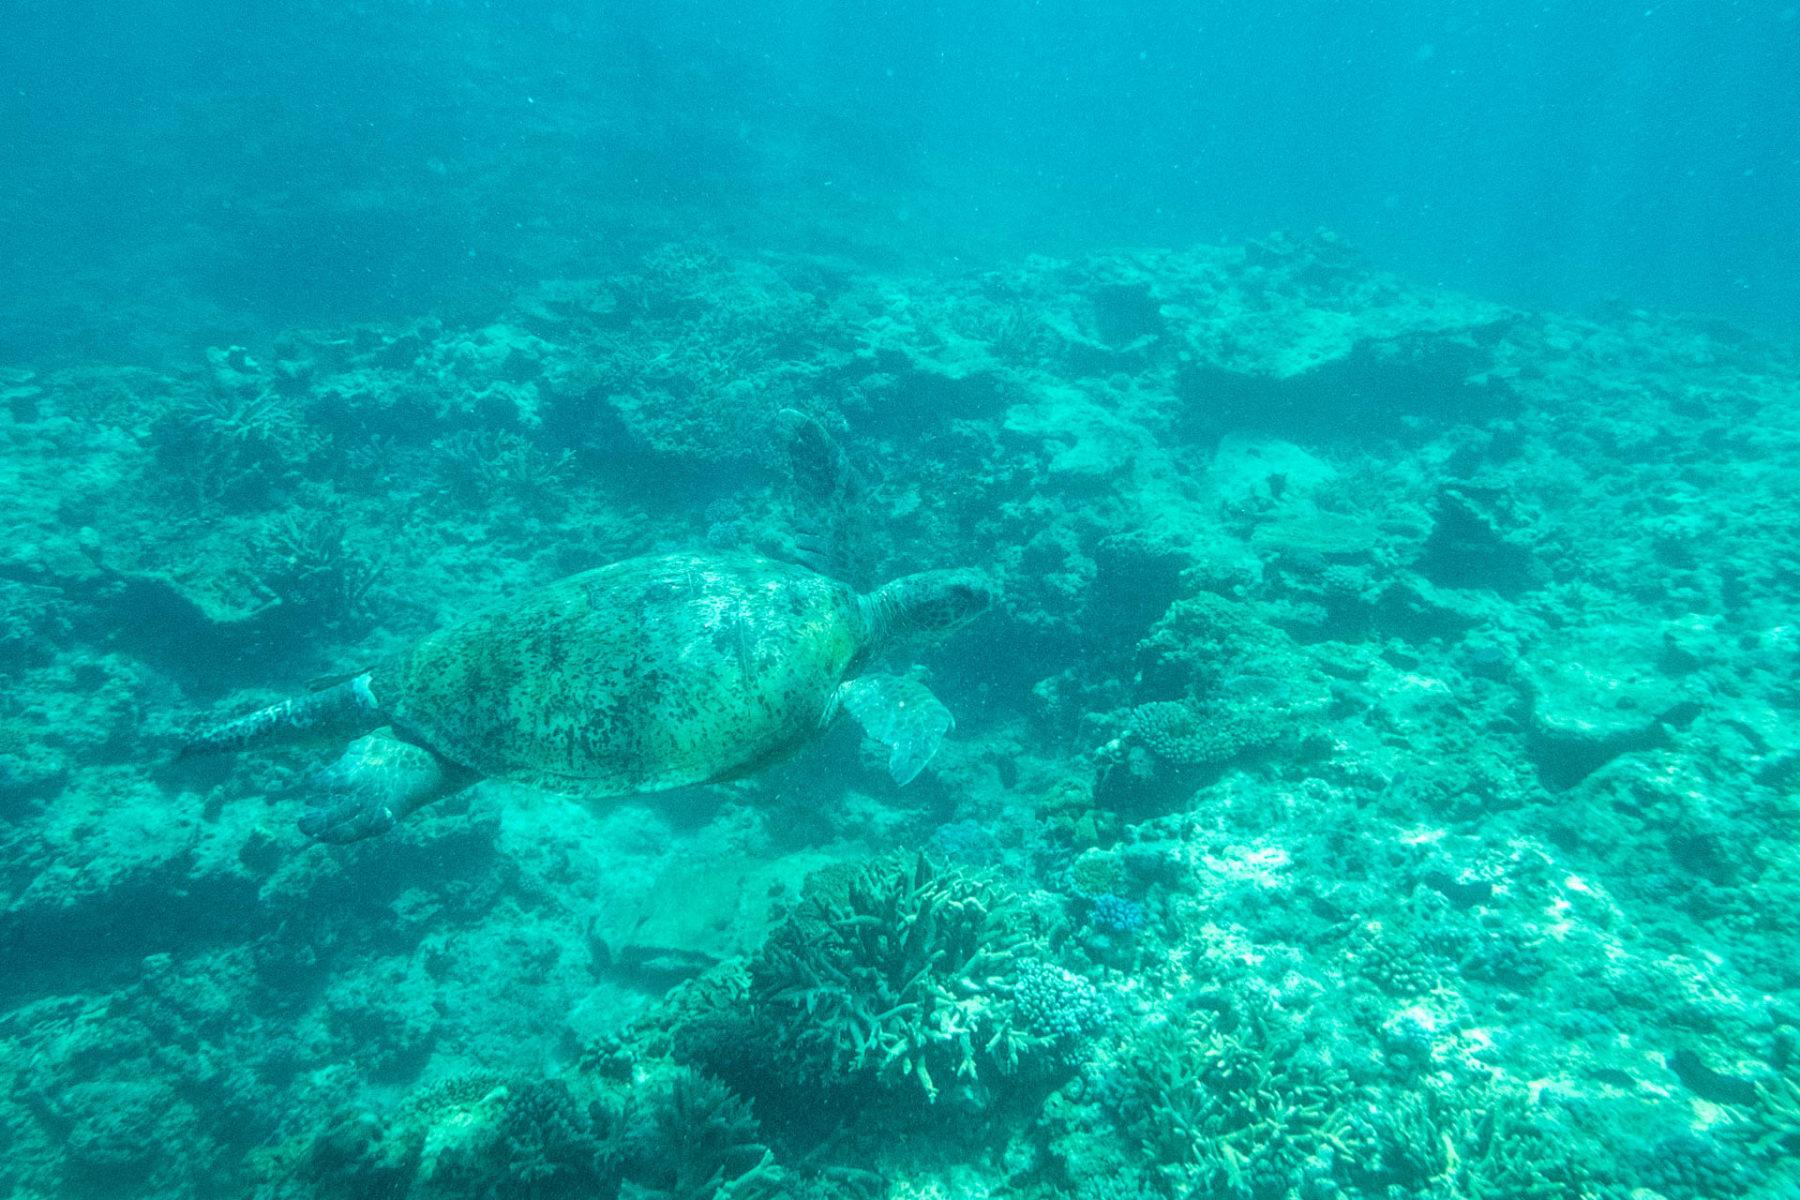 Männliche, ausgewachsene Schildkröte, ca. 1,8m